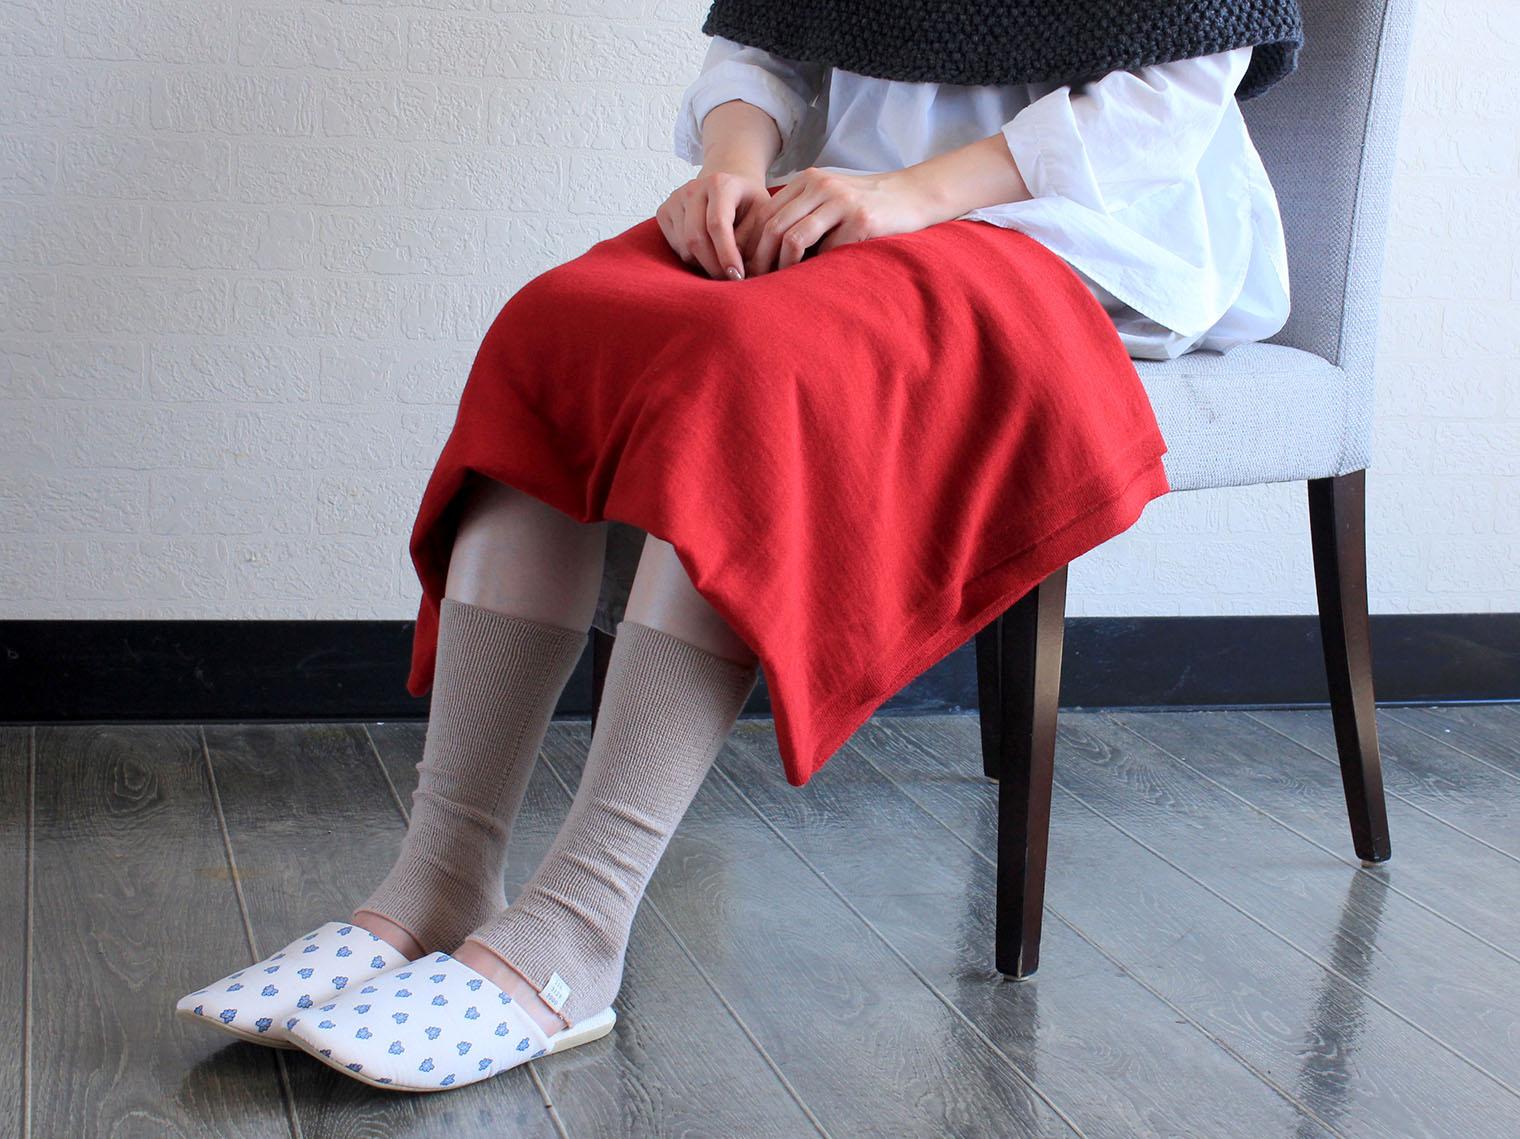 レッグウォーマー あしをつつむ のびるニットレッグウォーマー 薄手 冷え性 綿レーヨンシルク